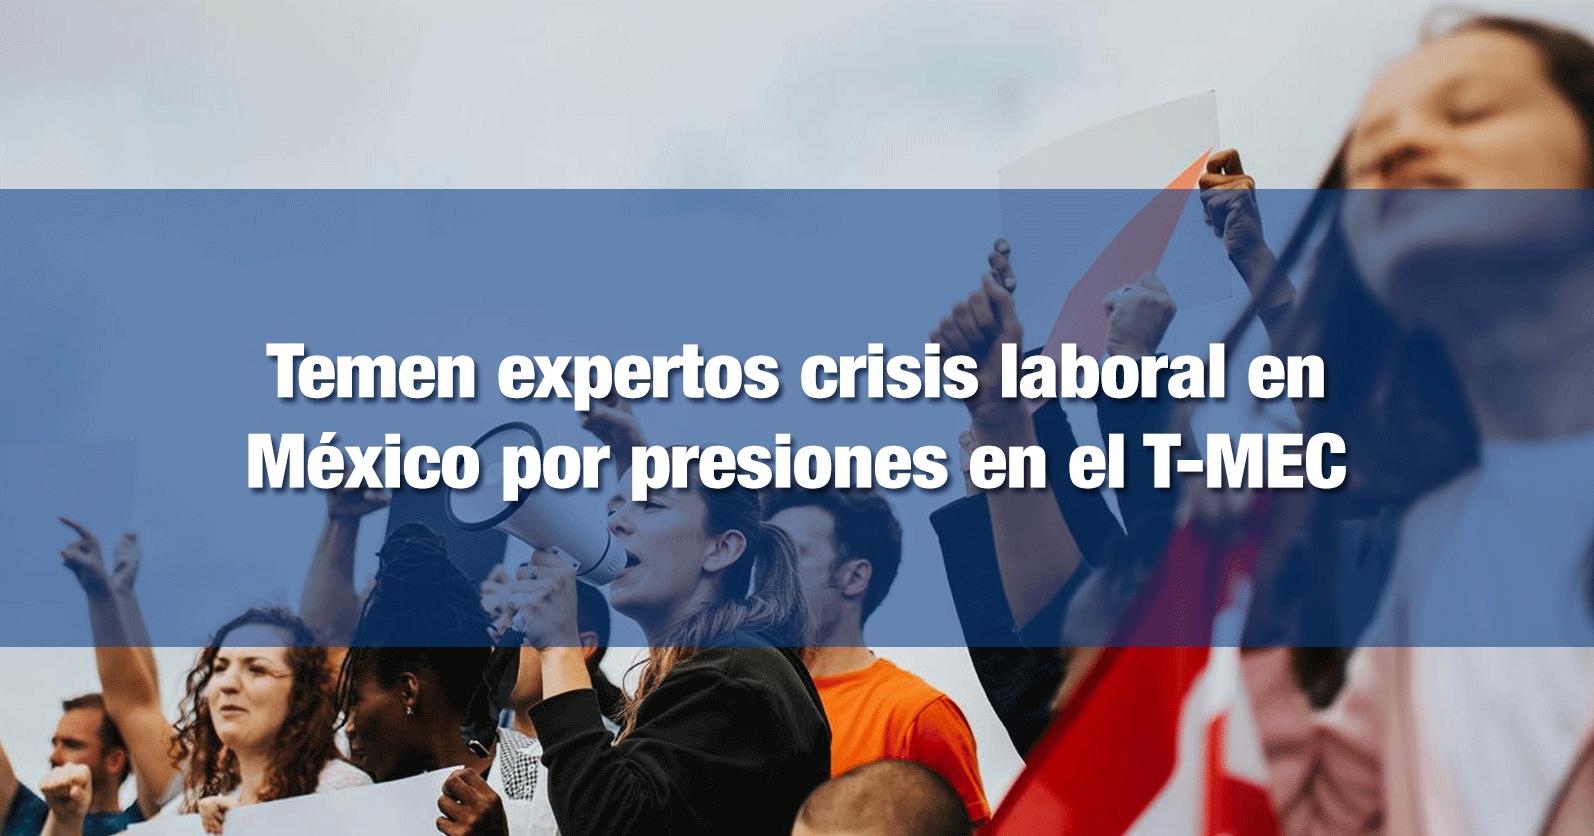 Temen expertos crisis laboral en México por presiones en el T-MEC